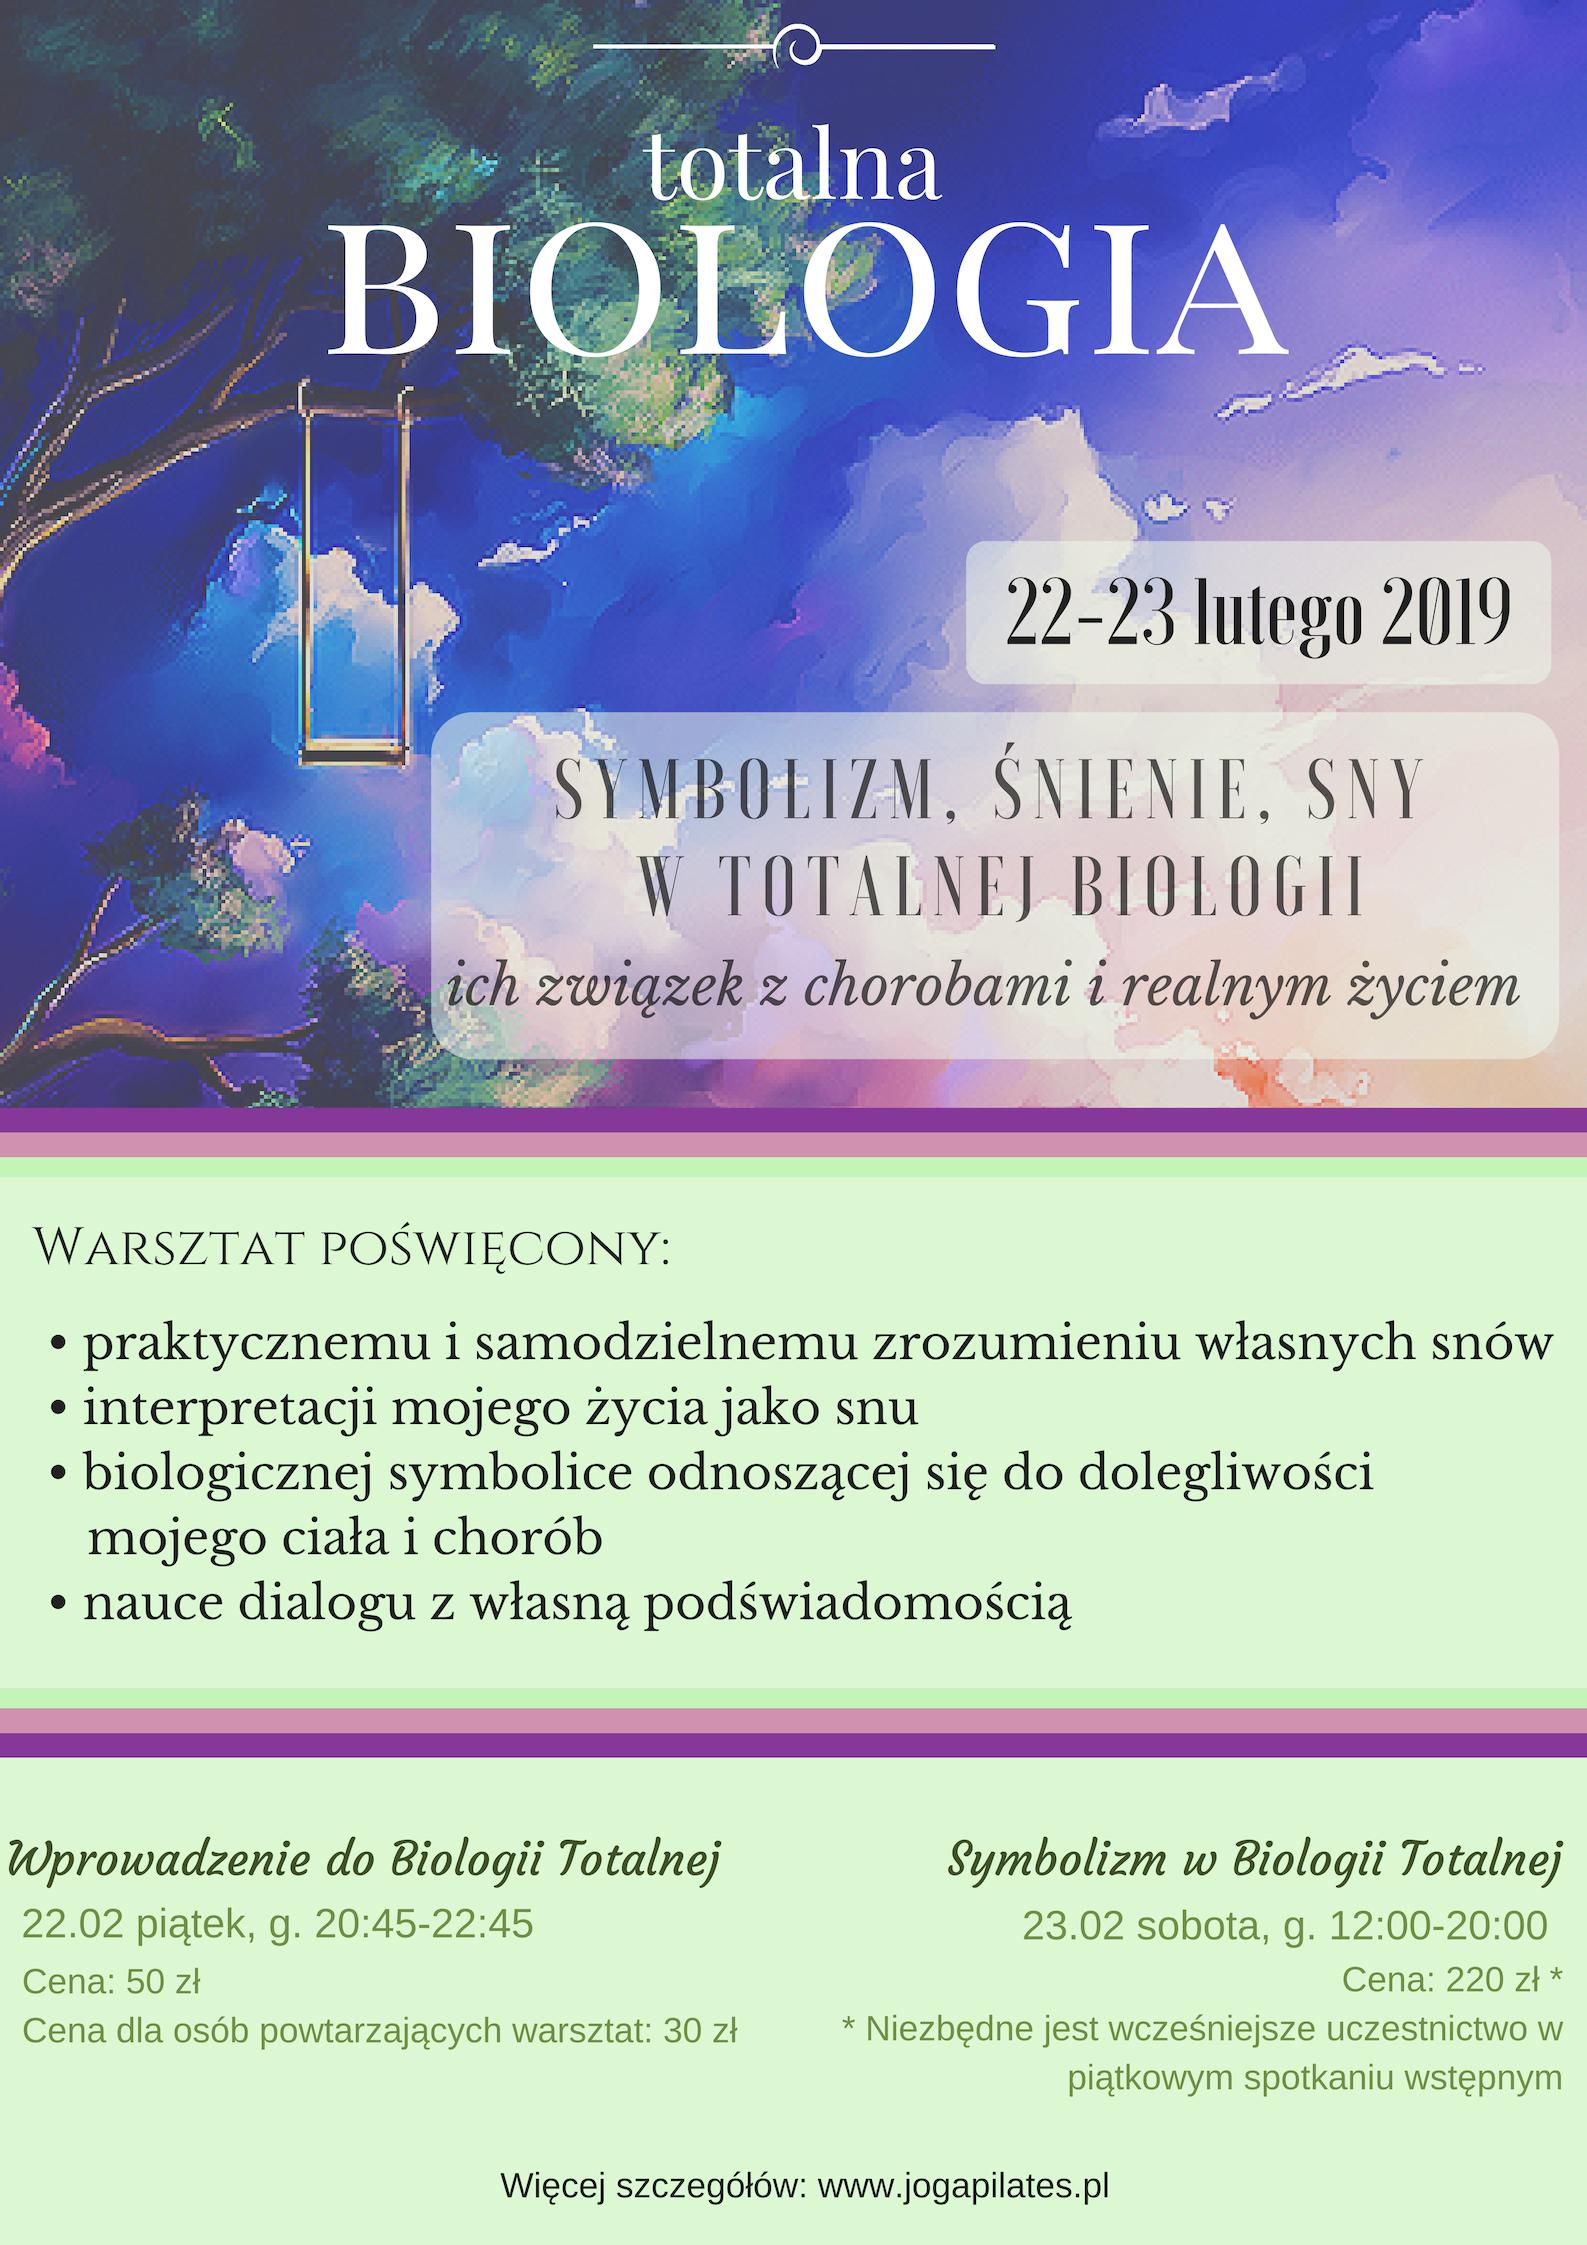 totalna biologia 2